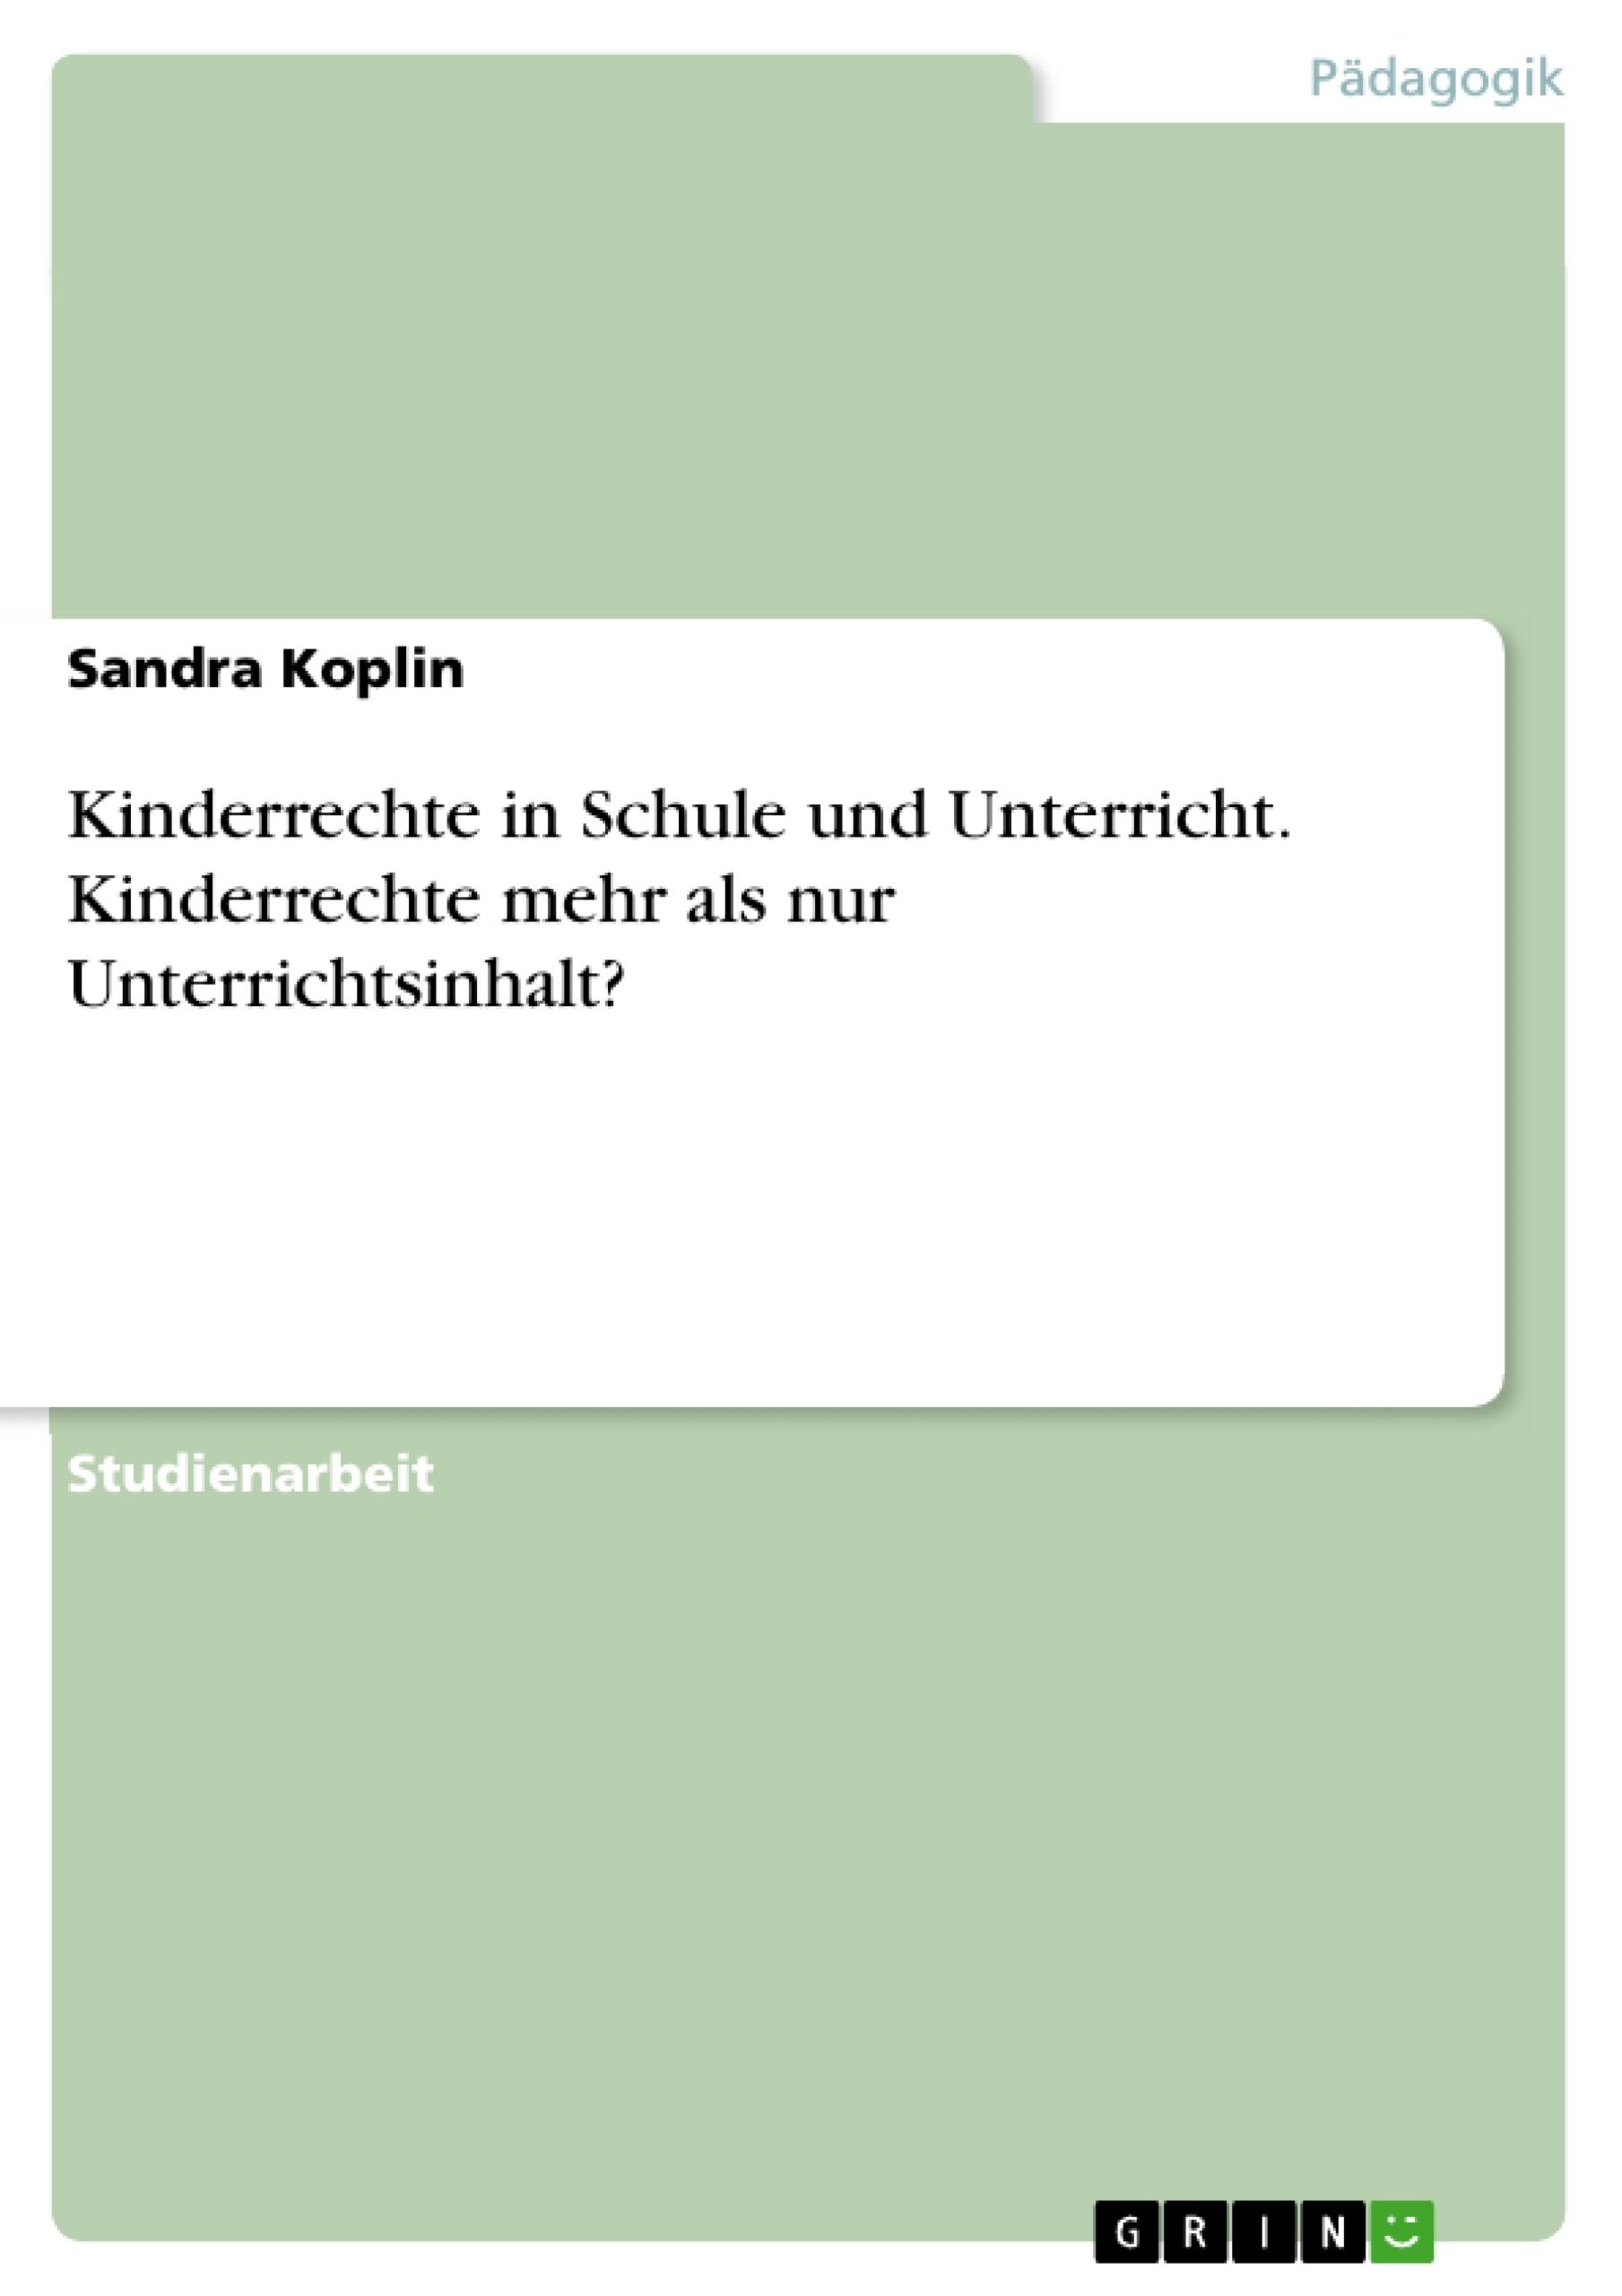 Titel: Kinderrechte in Schule und Unterricht. Kinderrechte mehr als nur Unterrichtsinhalt?